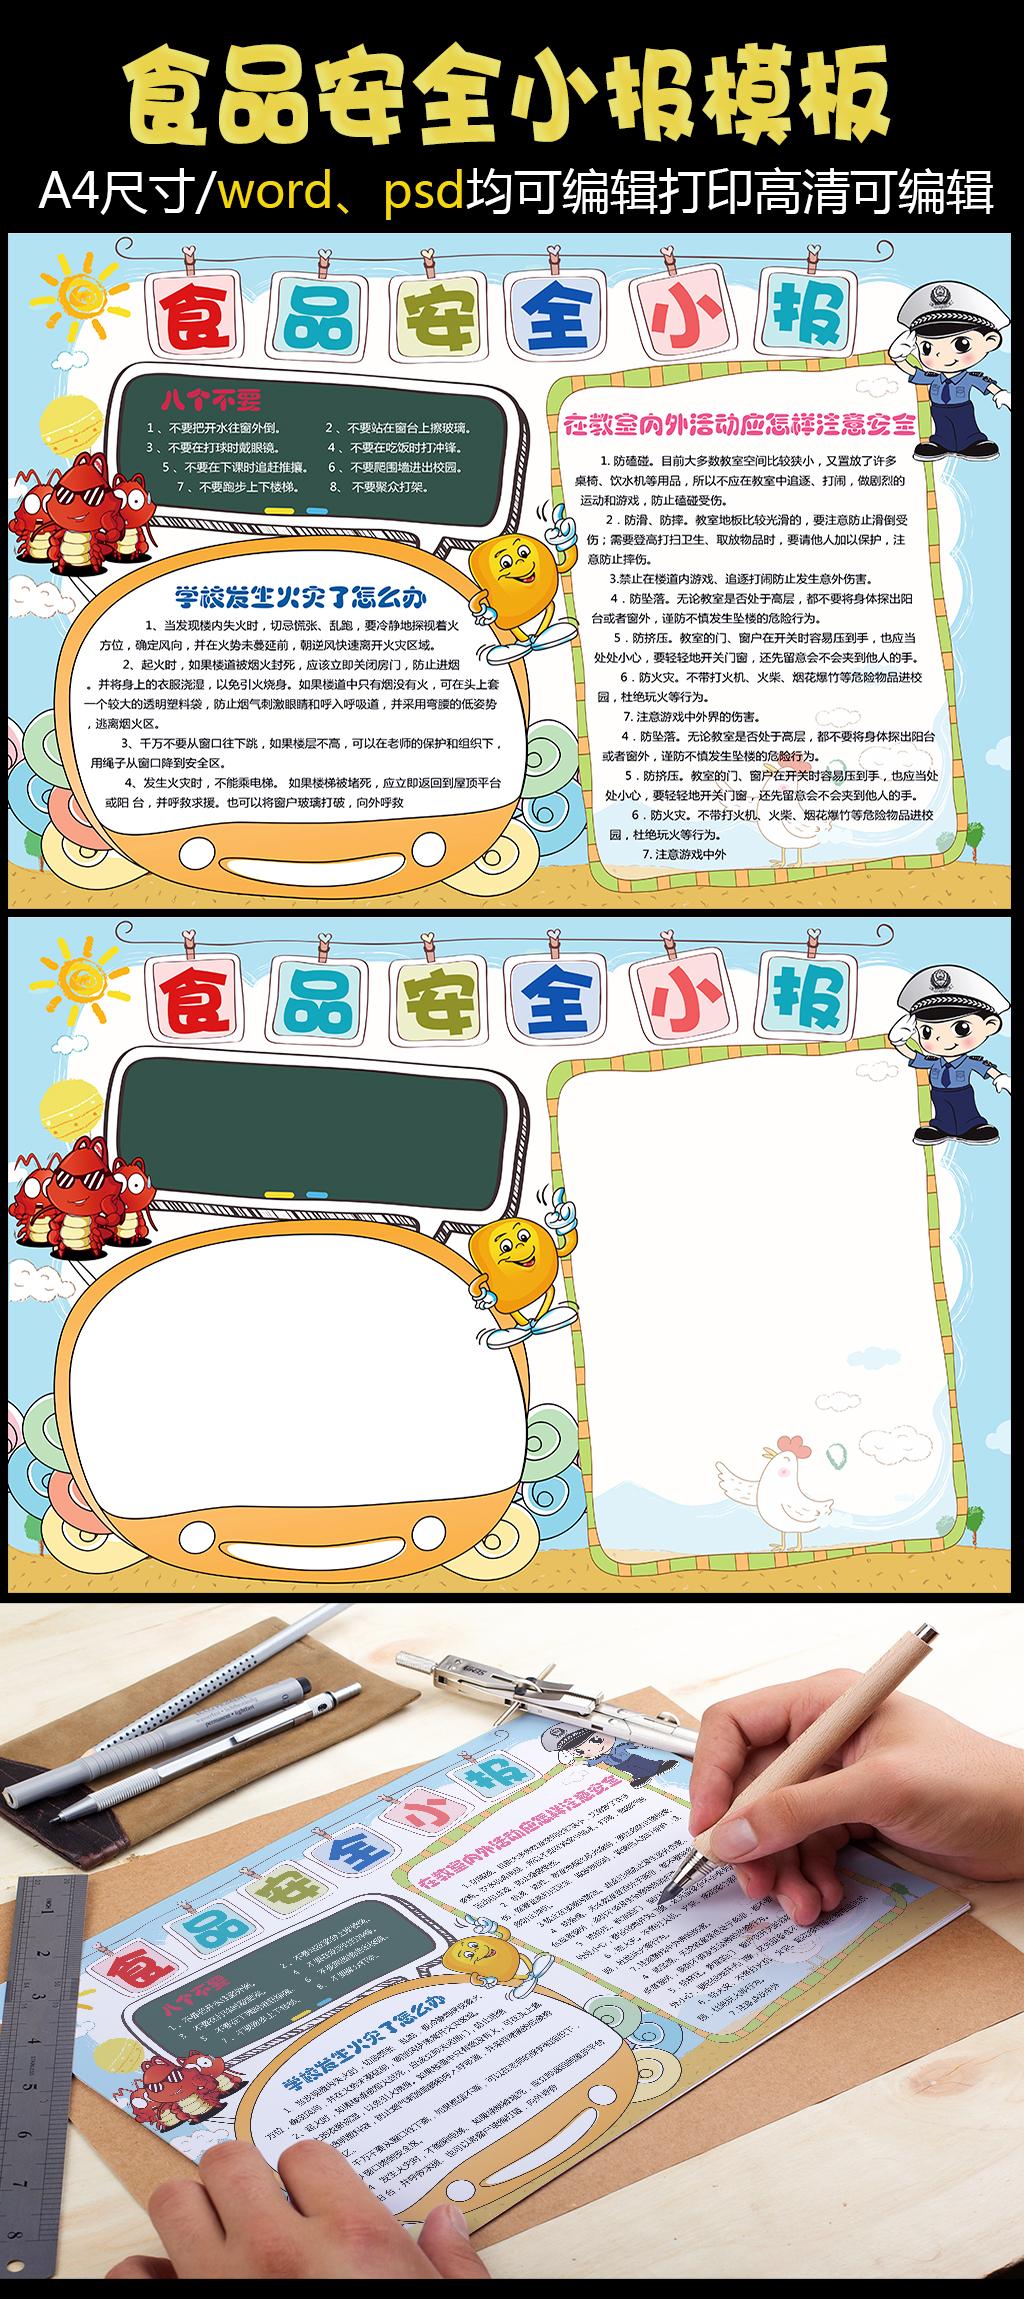 食品安全小报手抄报图片设计素材_高清psd模板下载(62